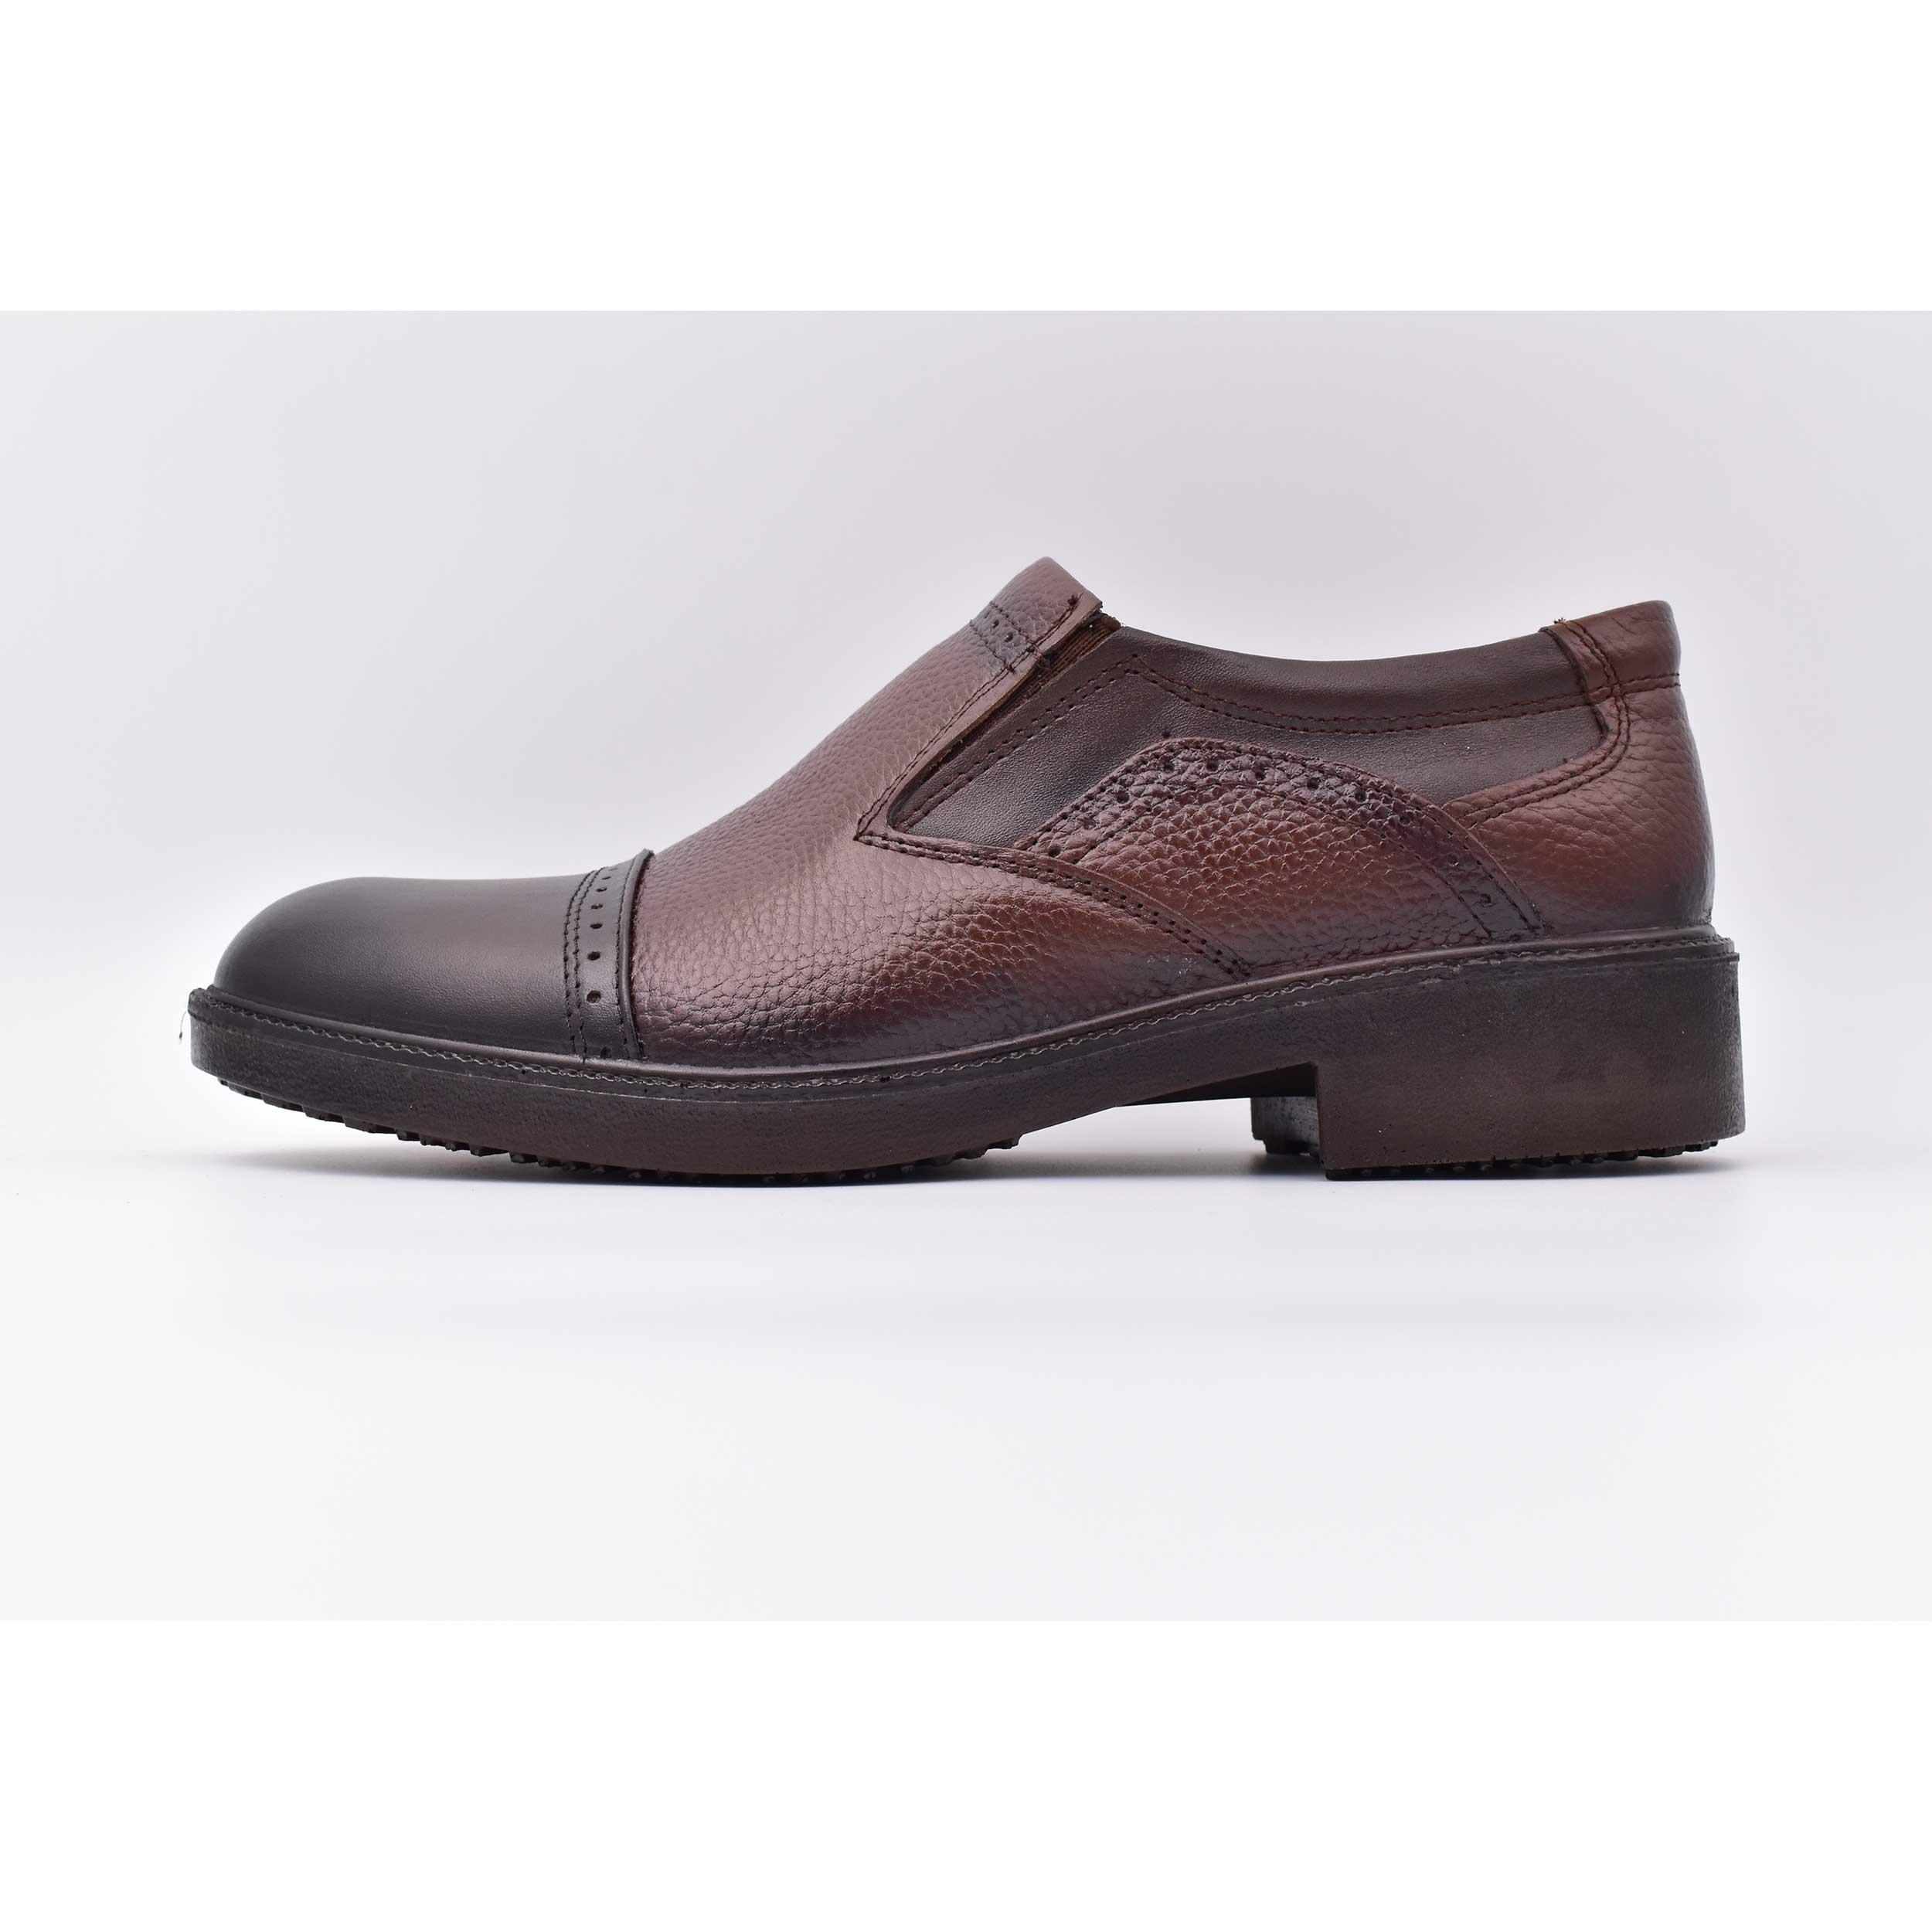 قیمت خرید کفش مردانه مدل درخشان کد 7717 اورجینال